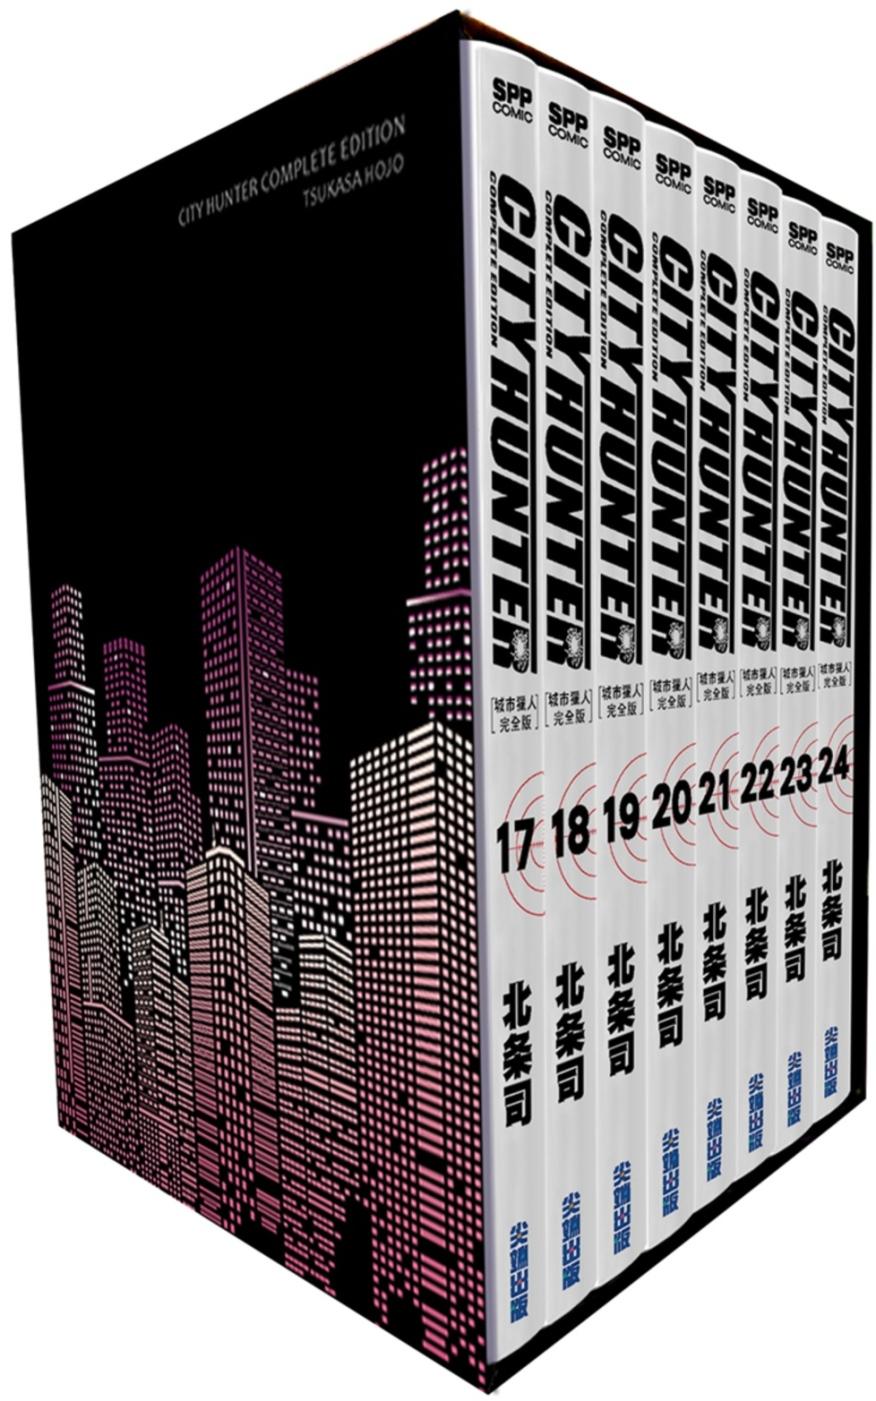 城市獵人完全版 盒裝套書(17~24冊)